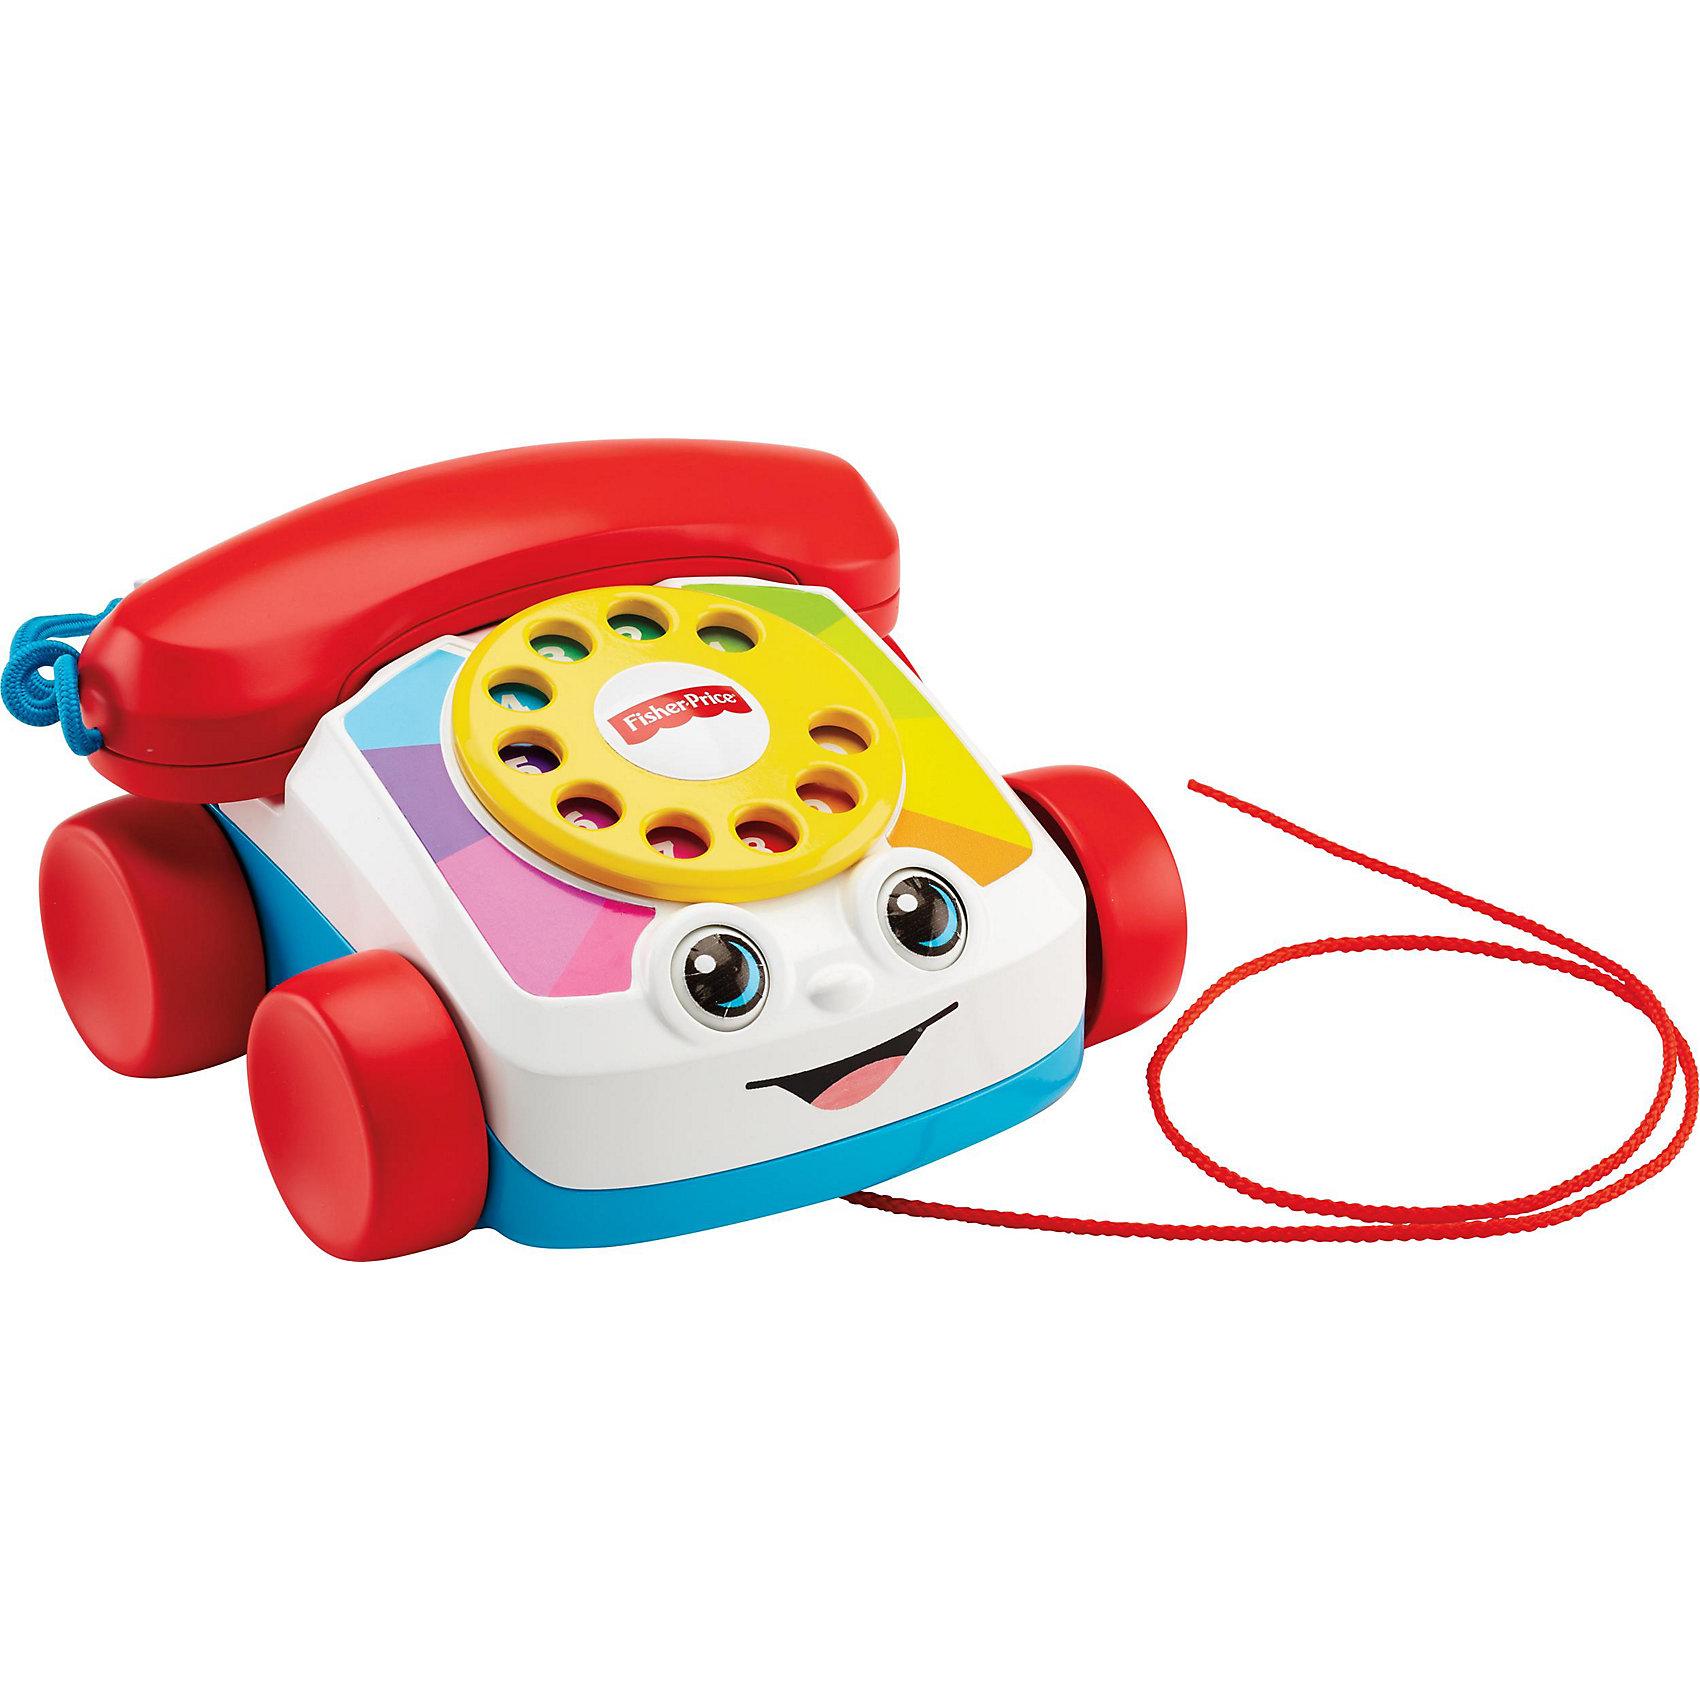 Mattel Говорящий телефон на колесах, Fisher Price телефон batl купить в челябинске